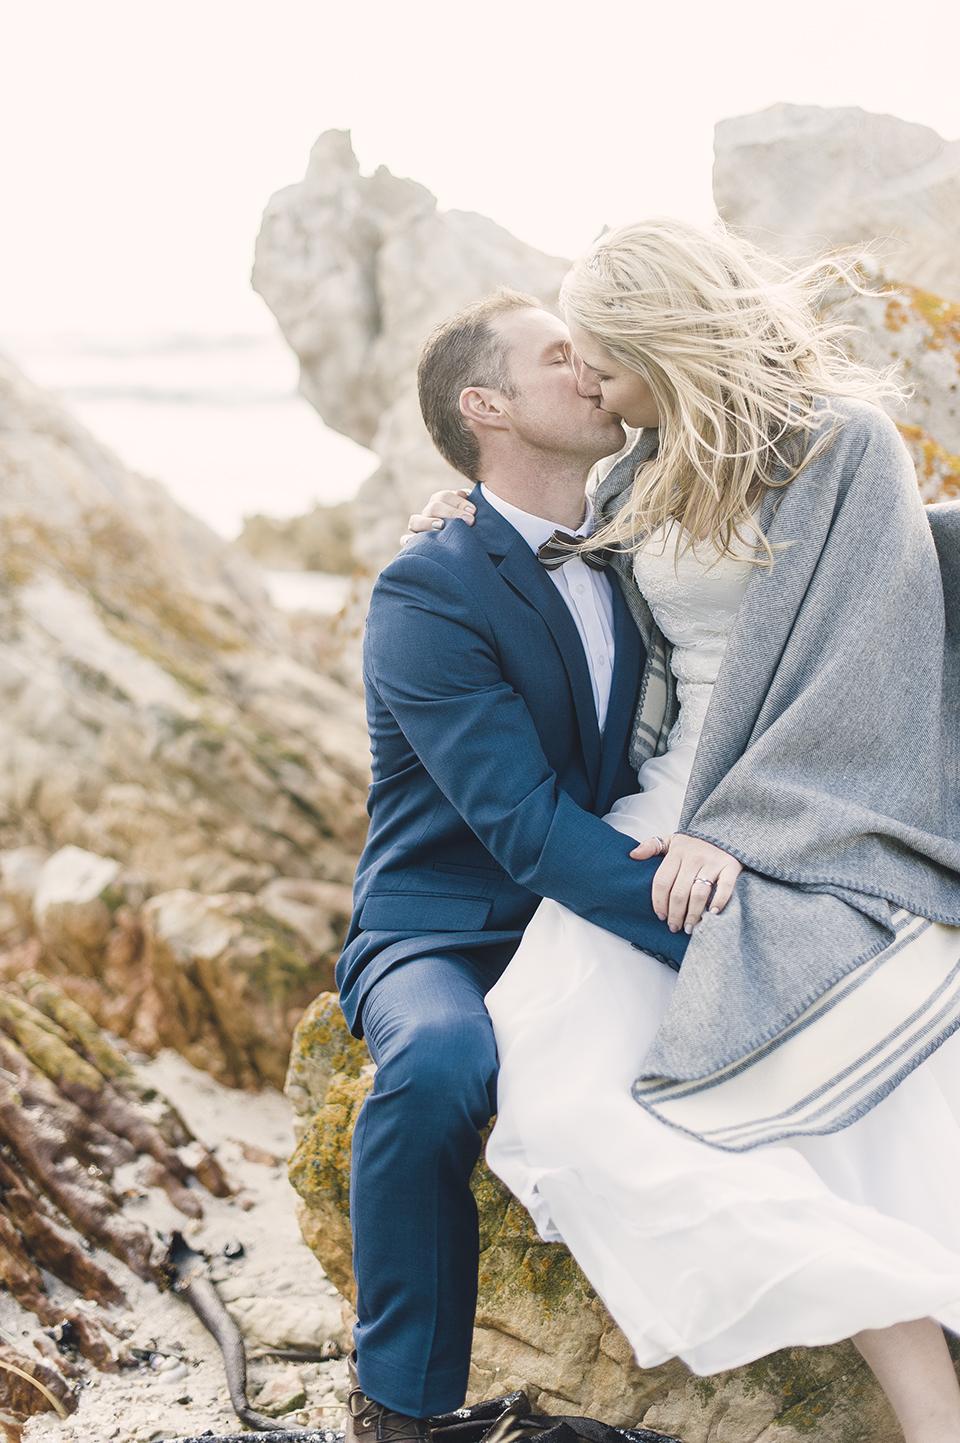 RyanParker_WeddingPhotographer_CapeTown_Hermanus_PringleBay_SouthAfrica_T&R_DSC_5605.jpg